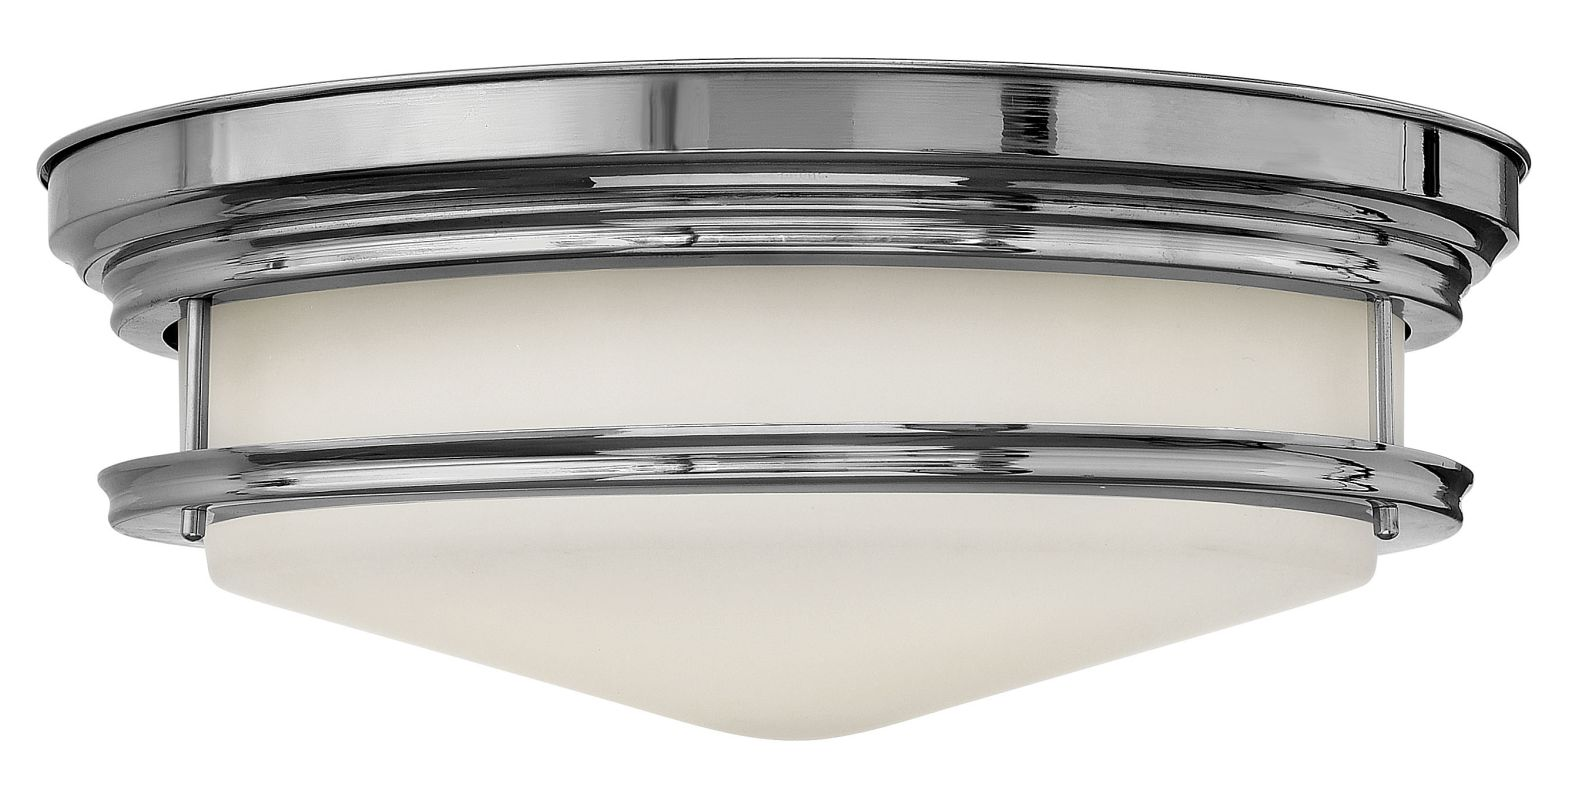 Hinkley Lighting 3304-LED 1 Light LED Indoor Flush Mount Ceiling Sale $699.00 ITEM#: 2233916 MODEL# :3304CM-LED UPC#: 640665330472 :